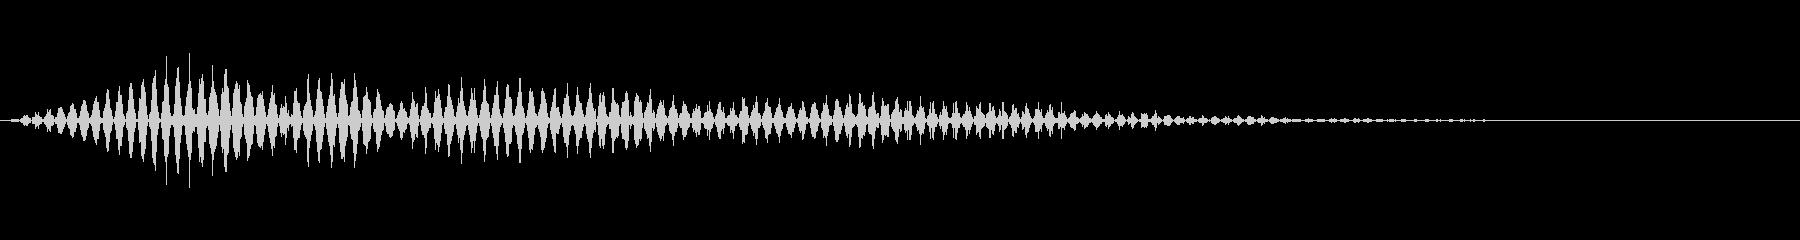 不穏な音(ノイズ有り)1の未再生の波形